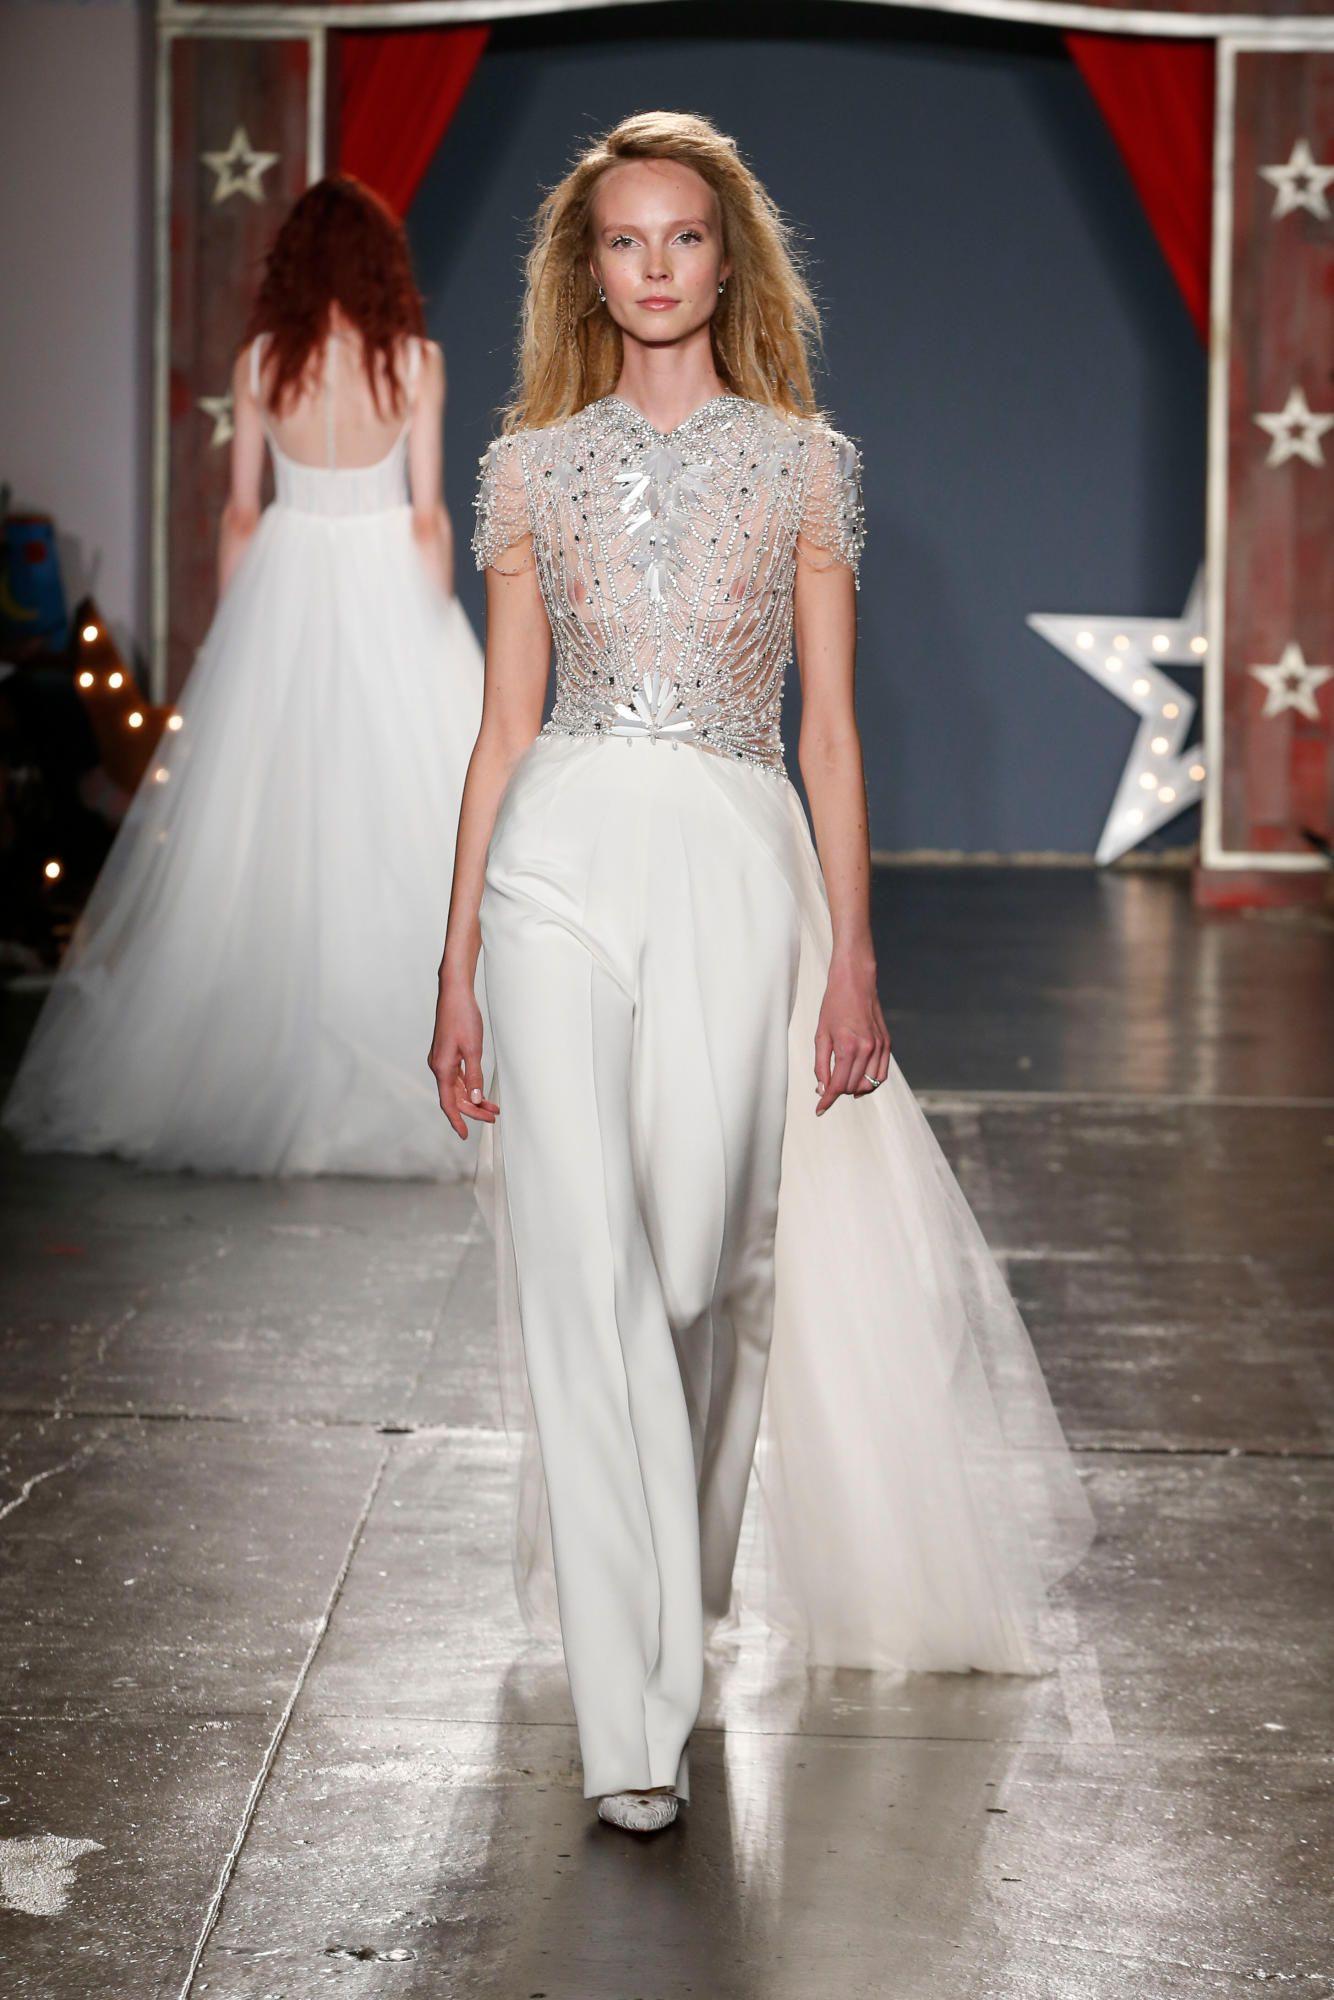 jenny-packham-bridal-spring-2018-jumpsuit Tendências de vestidos de noiva para 2018